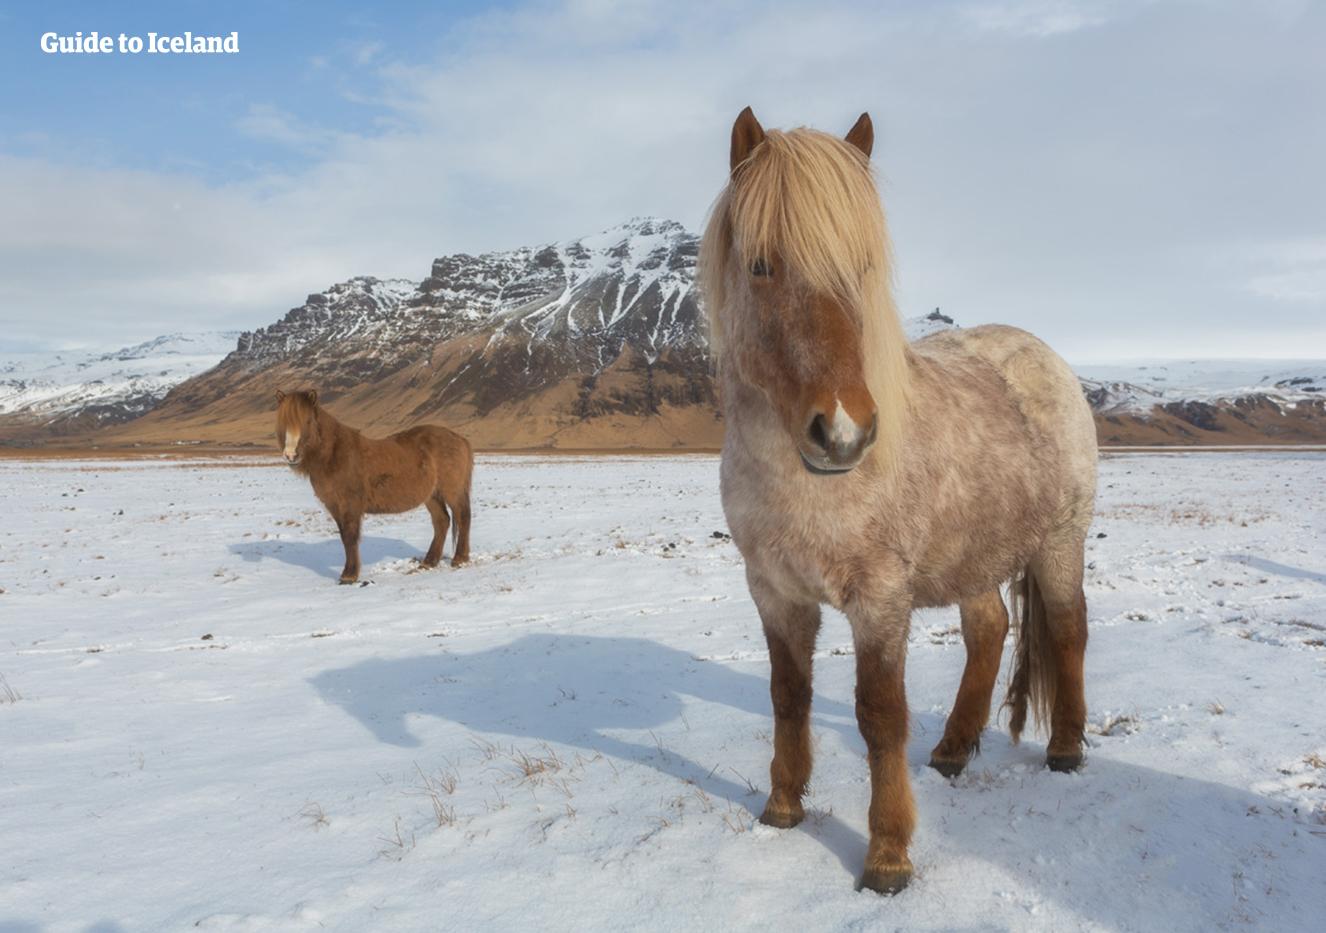 Autotour hiver de 12 jours | Tour de l'Islande et découverte de Snaefellsnes - day 9